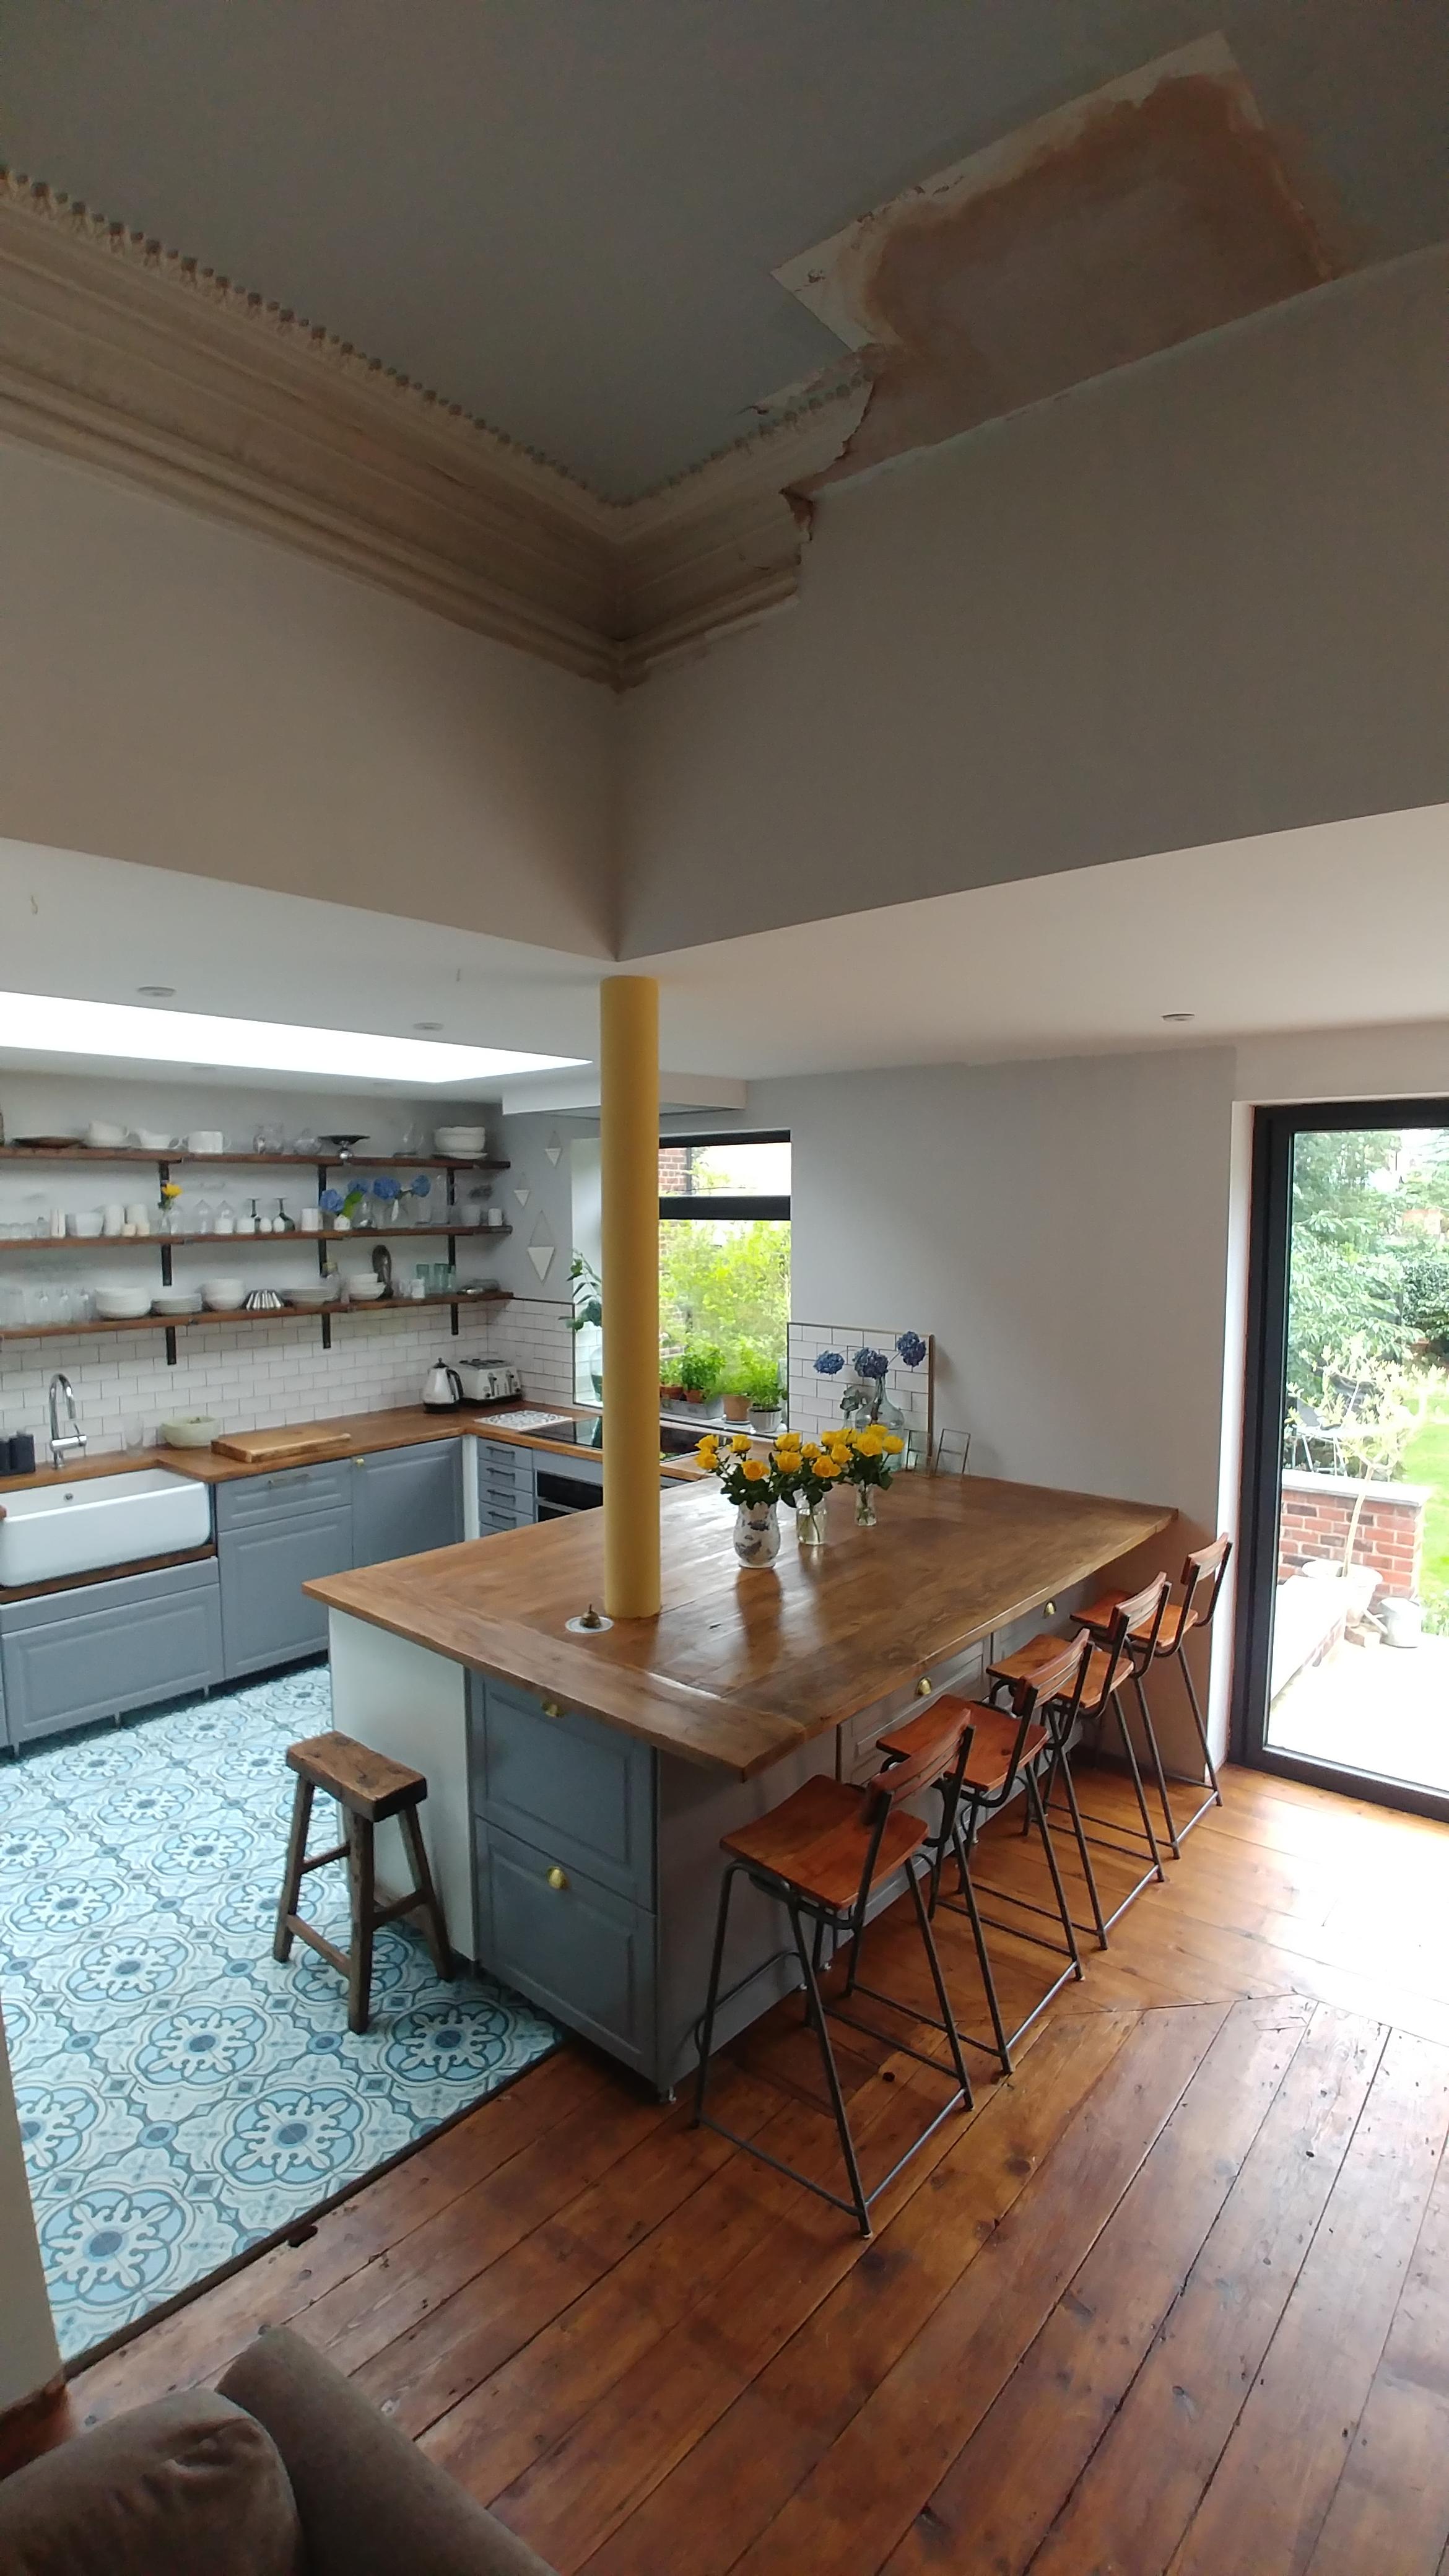 STN-Kitchen-After.jpg